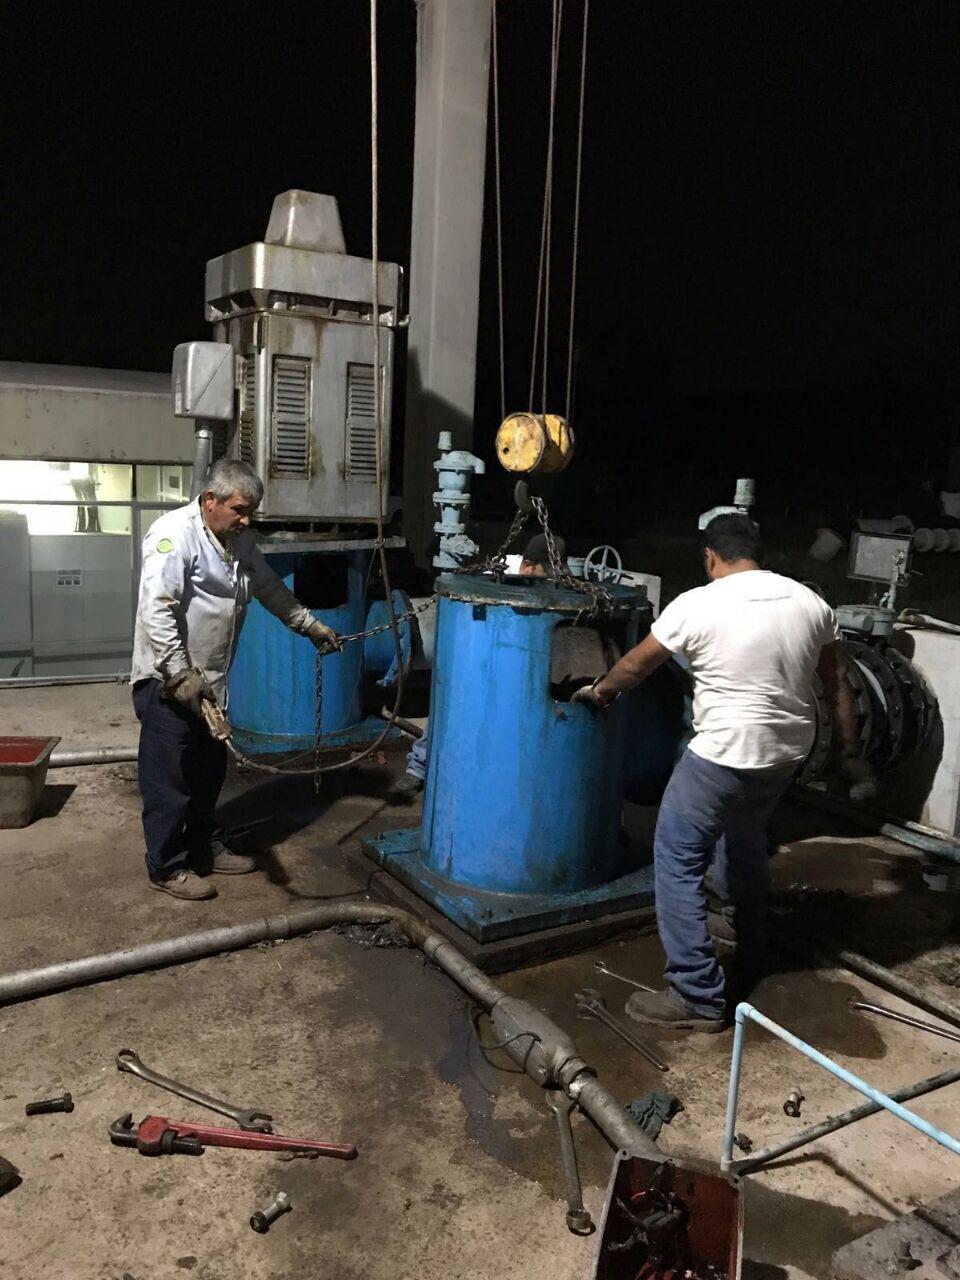 JAPAC-NOTICIAS-falta-de-suministro-de-agua-por-fallas-en-planta-01